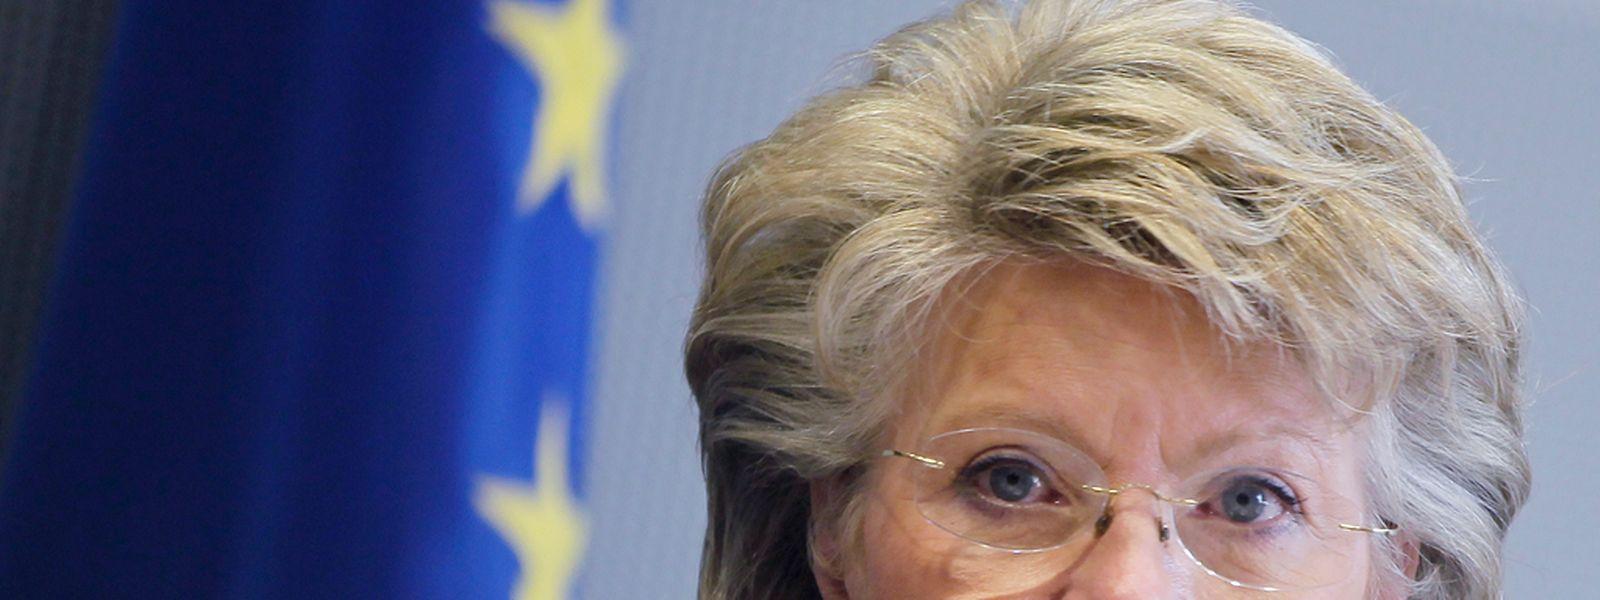 Viviane Reding macht sich für das Ziel einer starken, politisch geeinten Europäischen Union stark.